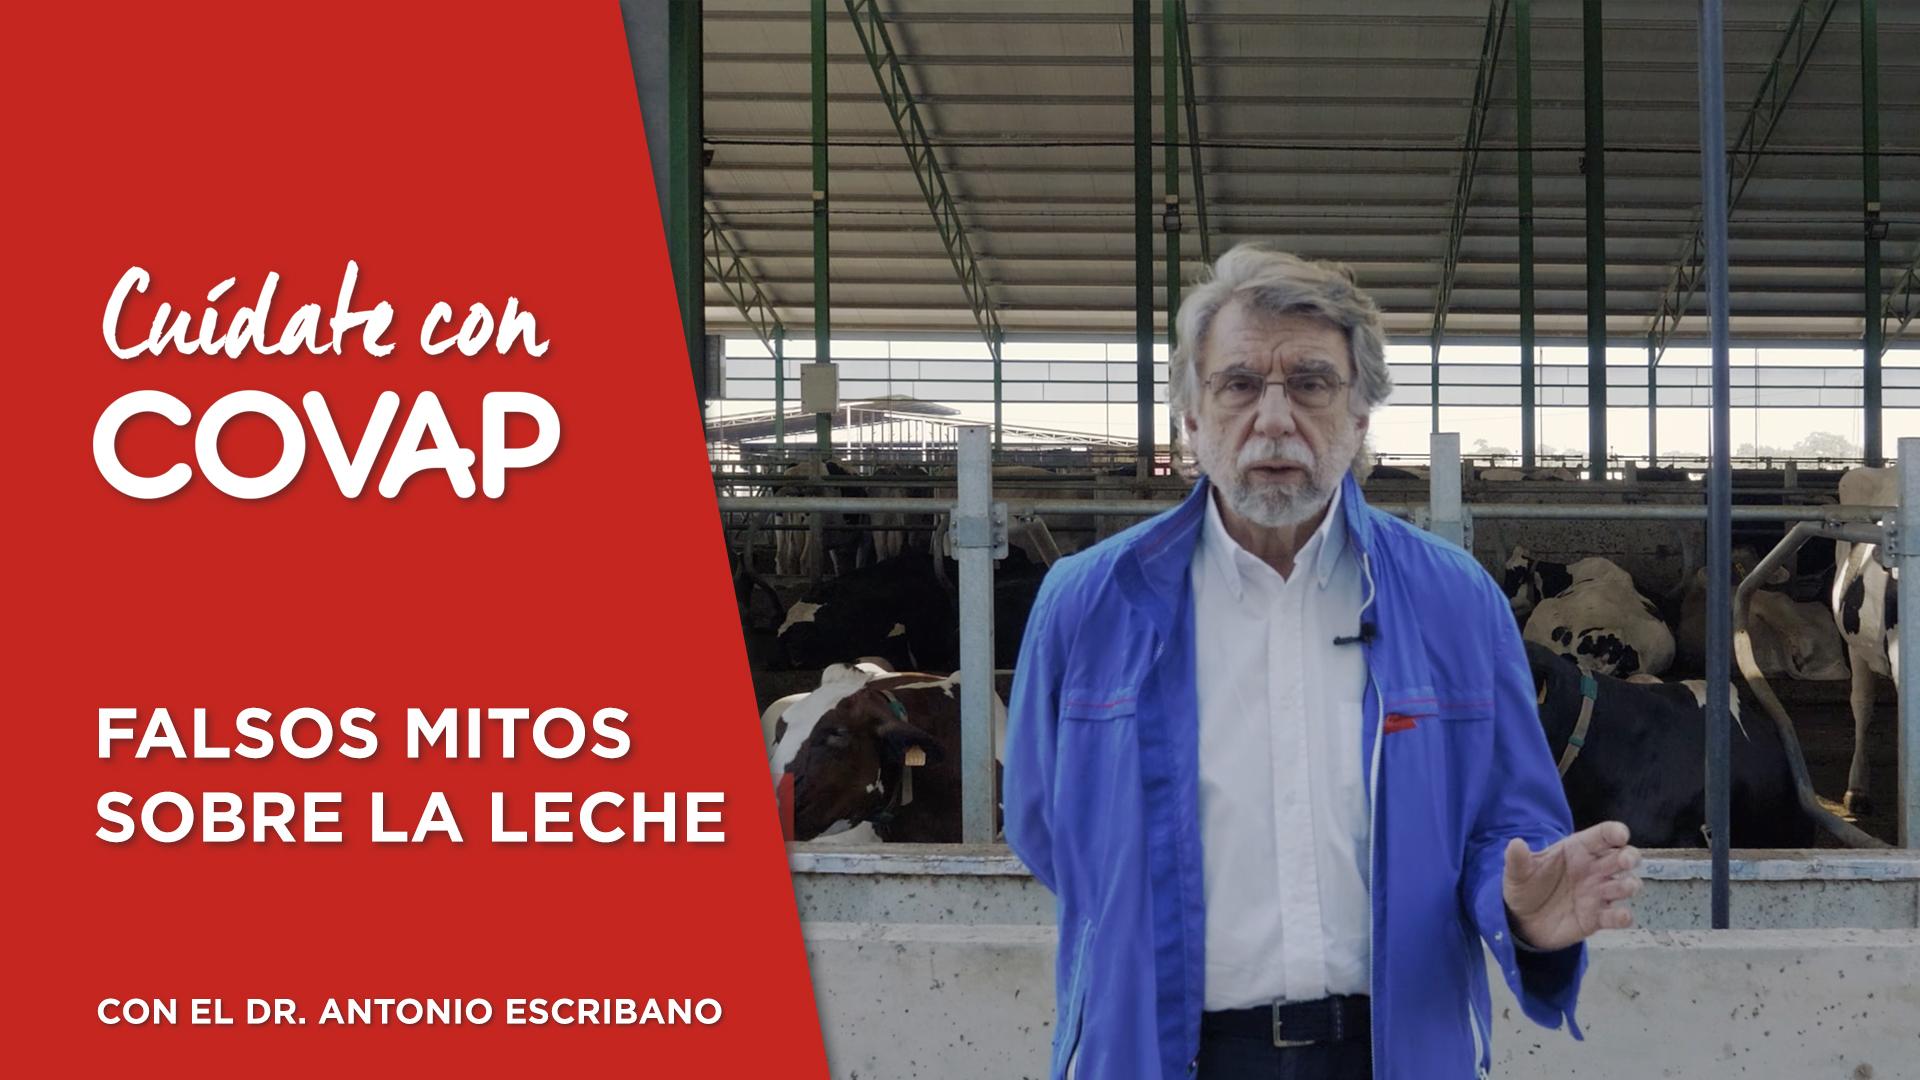 Cuidate con COVAP-Falsos mitos sobre la leche